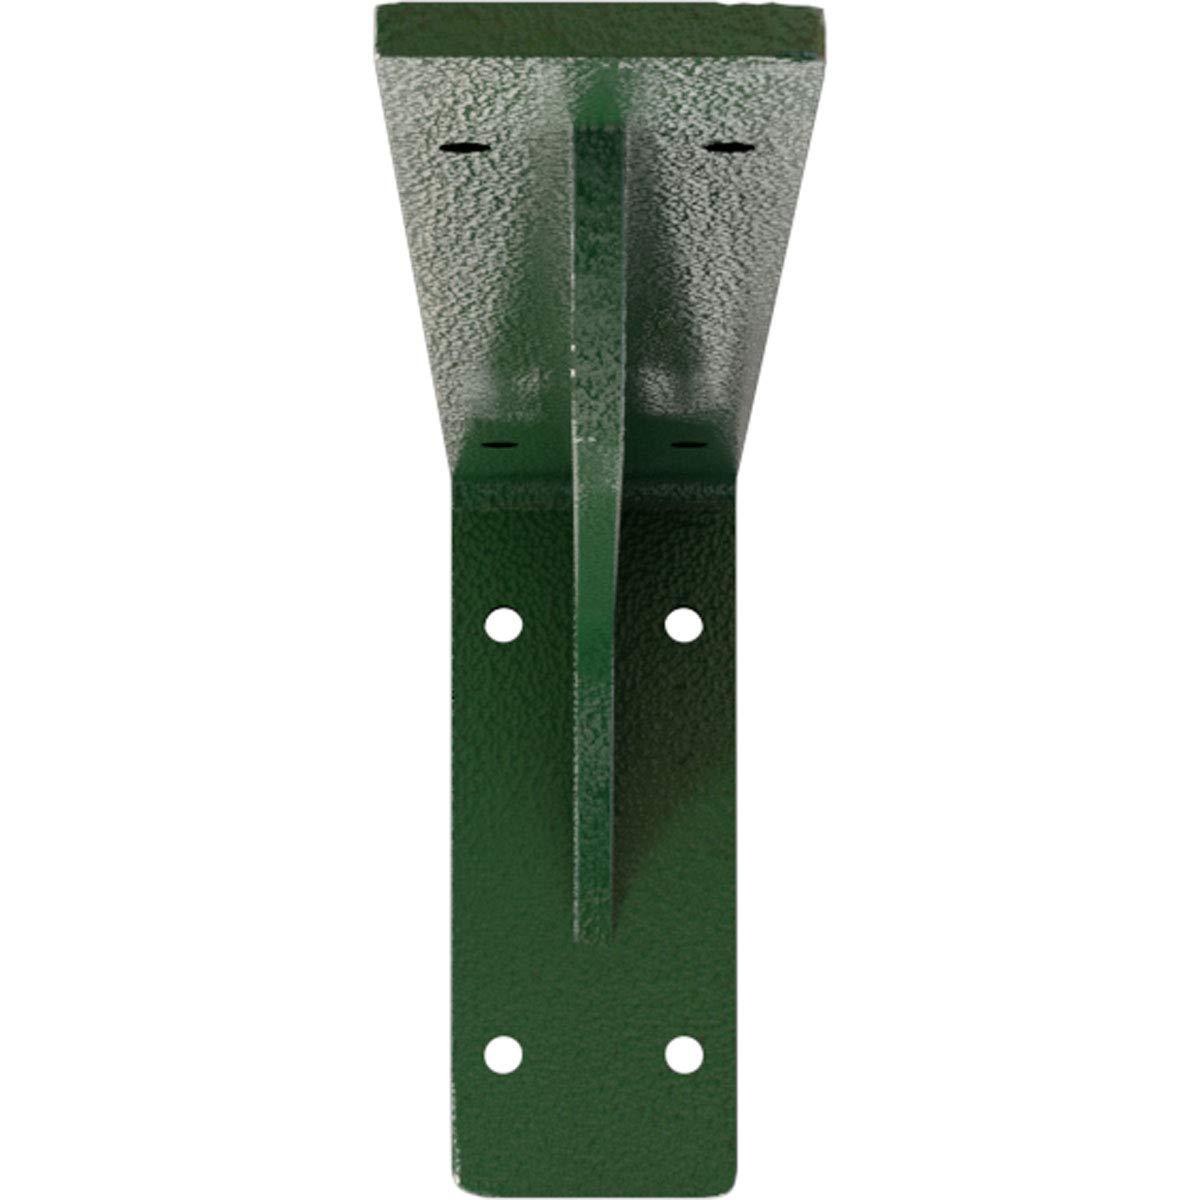 2W x 8D x 4 1//4H Unfinished Ekena Millwork BKTM02X08X04EBCRS Steel Bracket